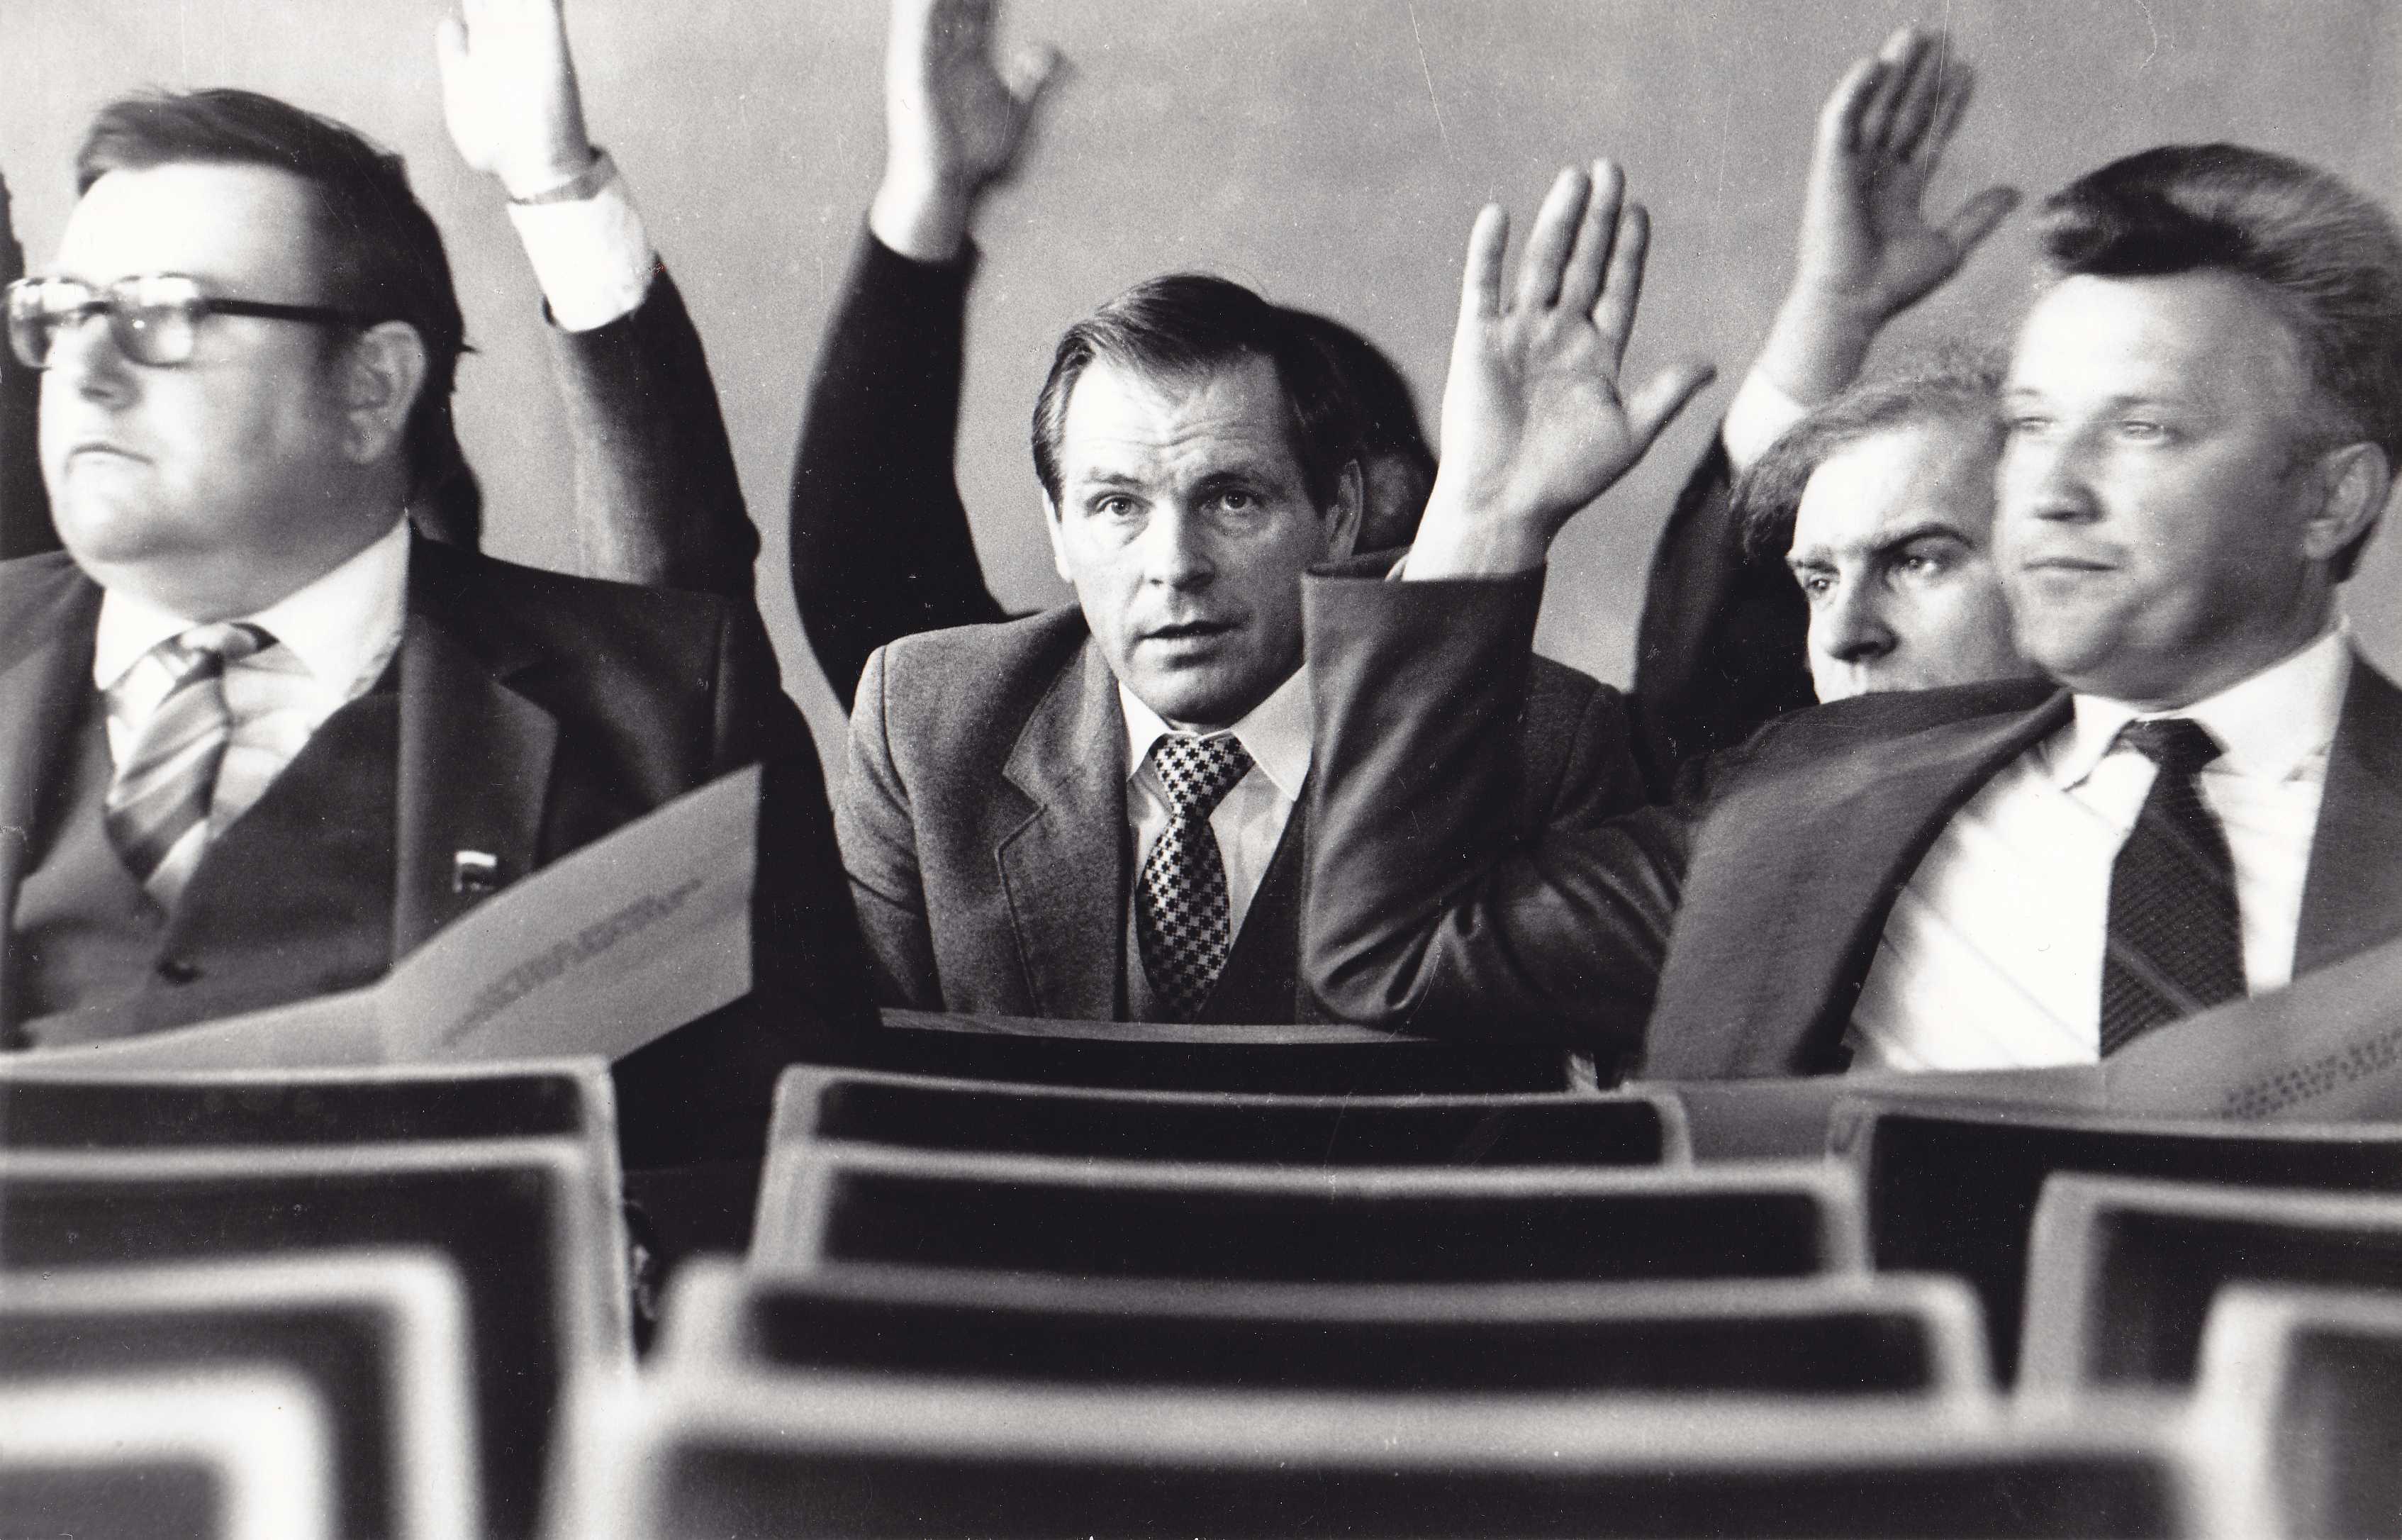 Pirmoji Pasvalio rajono savivaldybės deputatų sesija. Pirmoje eilėje iš dešinės pirmas Povilas Paliulis, antroje eilėje Viktoras Rimša, trečioje eilėje Jonas Budrevičius